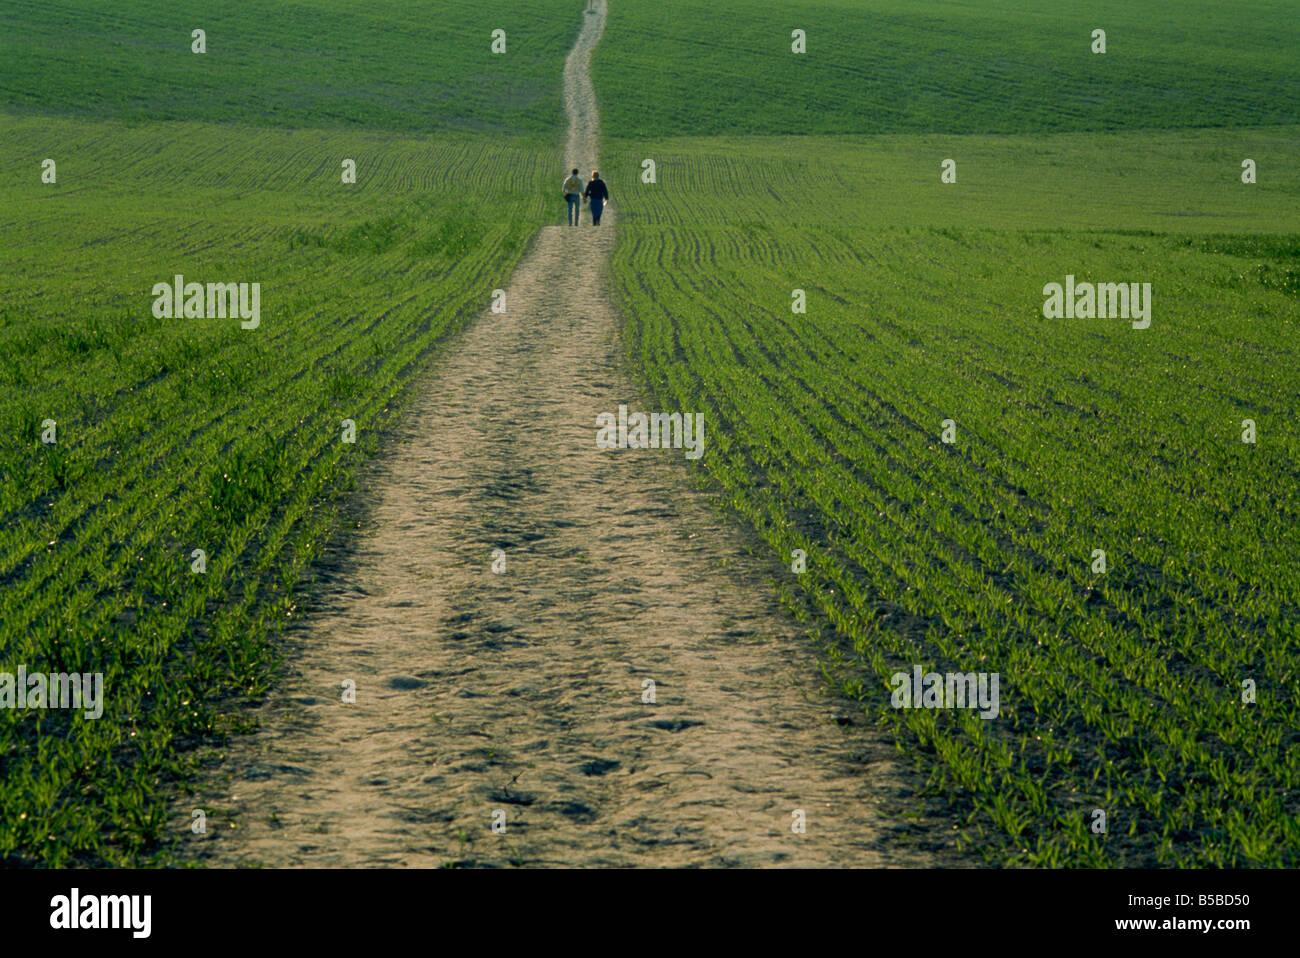 The Ridgeway Path Ellesborough Chilterns Buckinghamshire England United Kingdom Europe - Stock Image